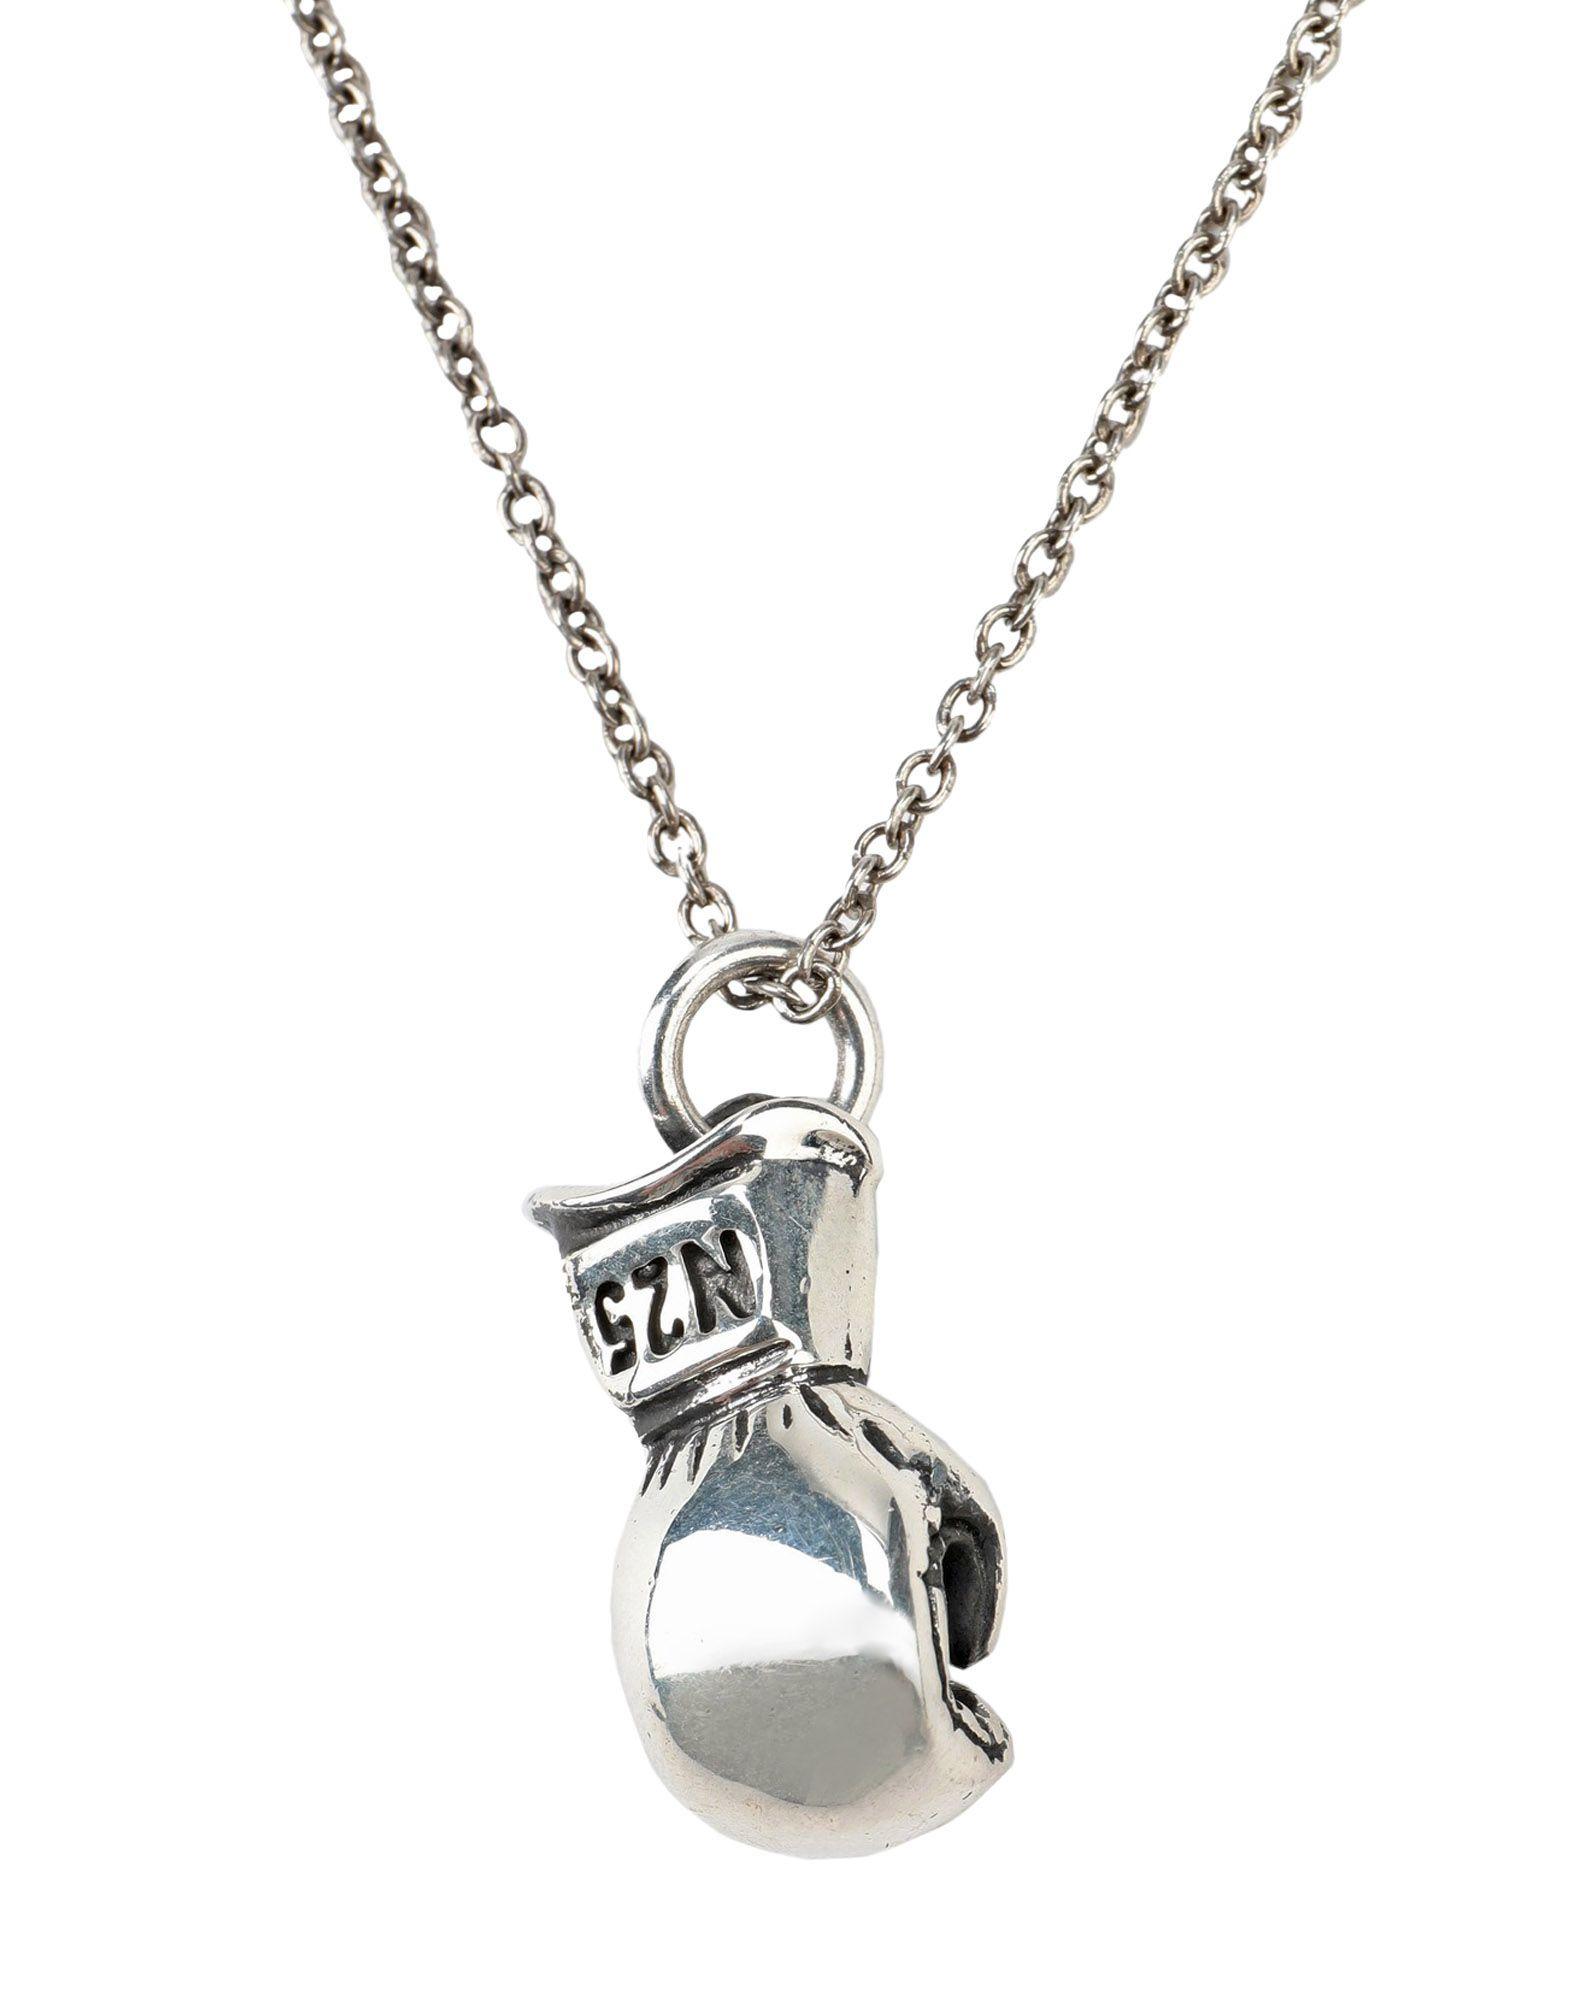 《セール開催中》NOVE25 メンズ ネックレス シルバー シルバー925/1000 BOXING GLOVE NECKLACE